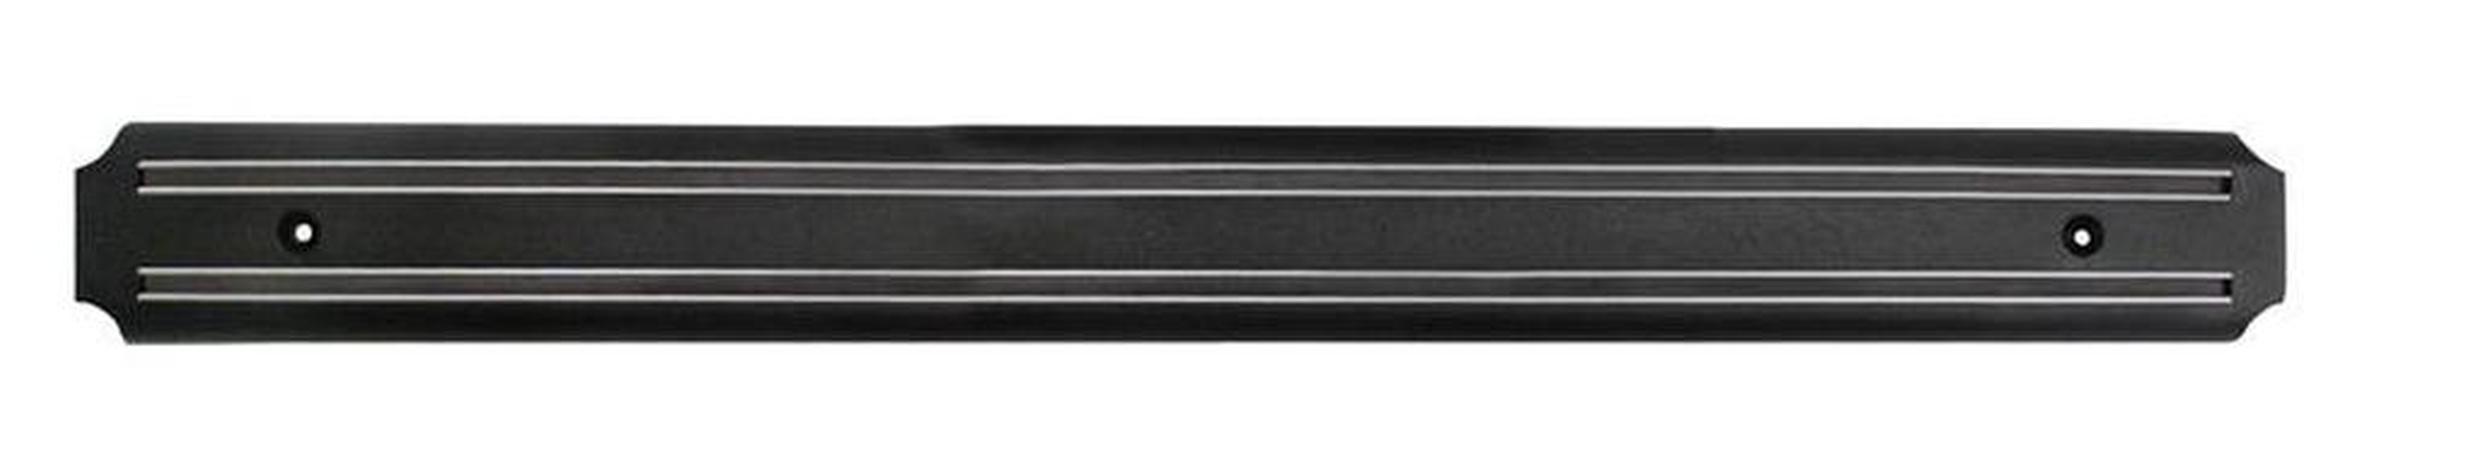 Magnetická lišta na nože PROVENCE 56cm